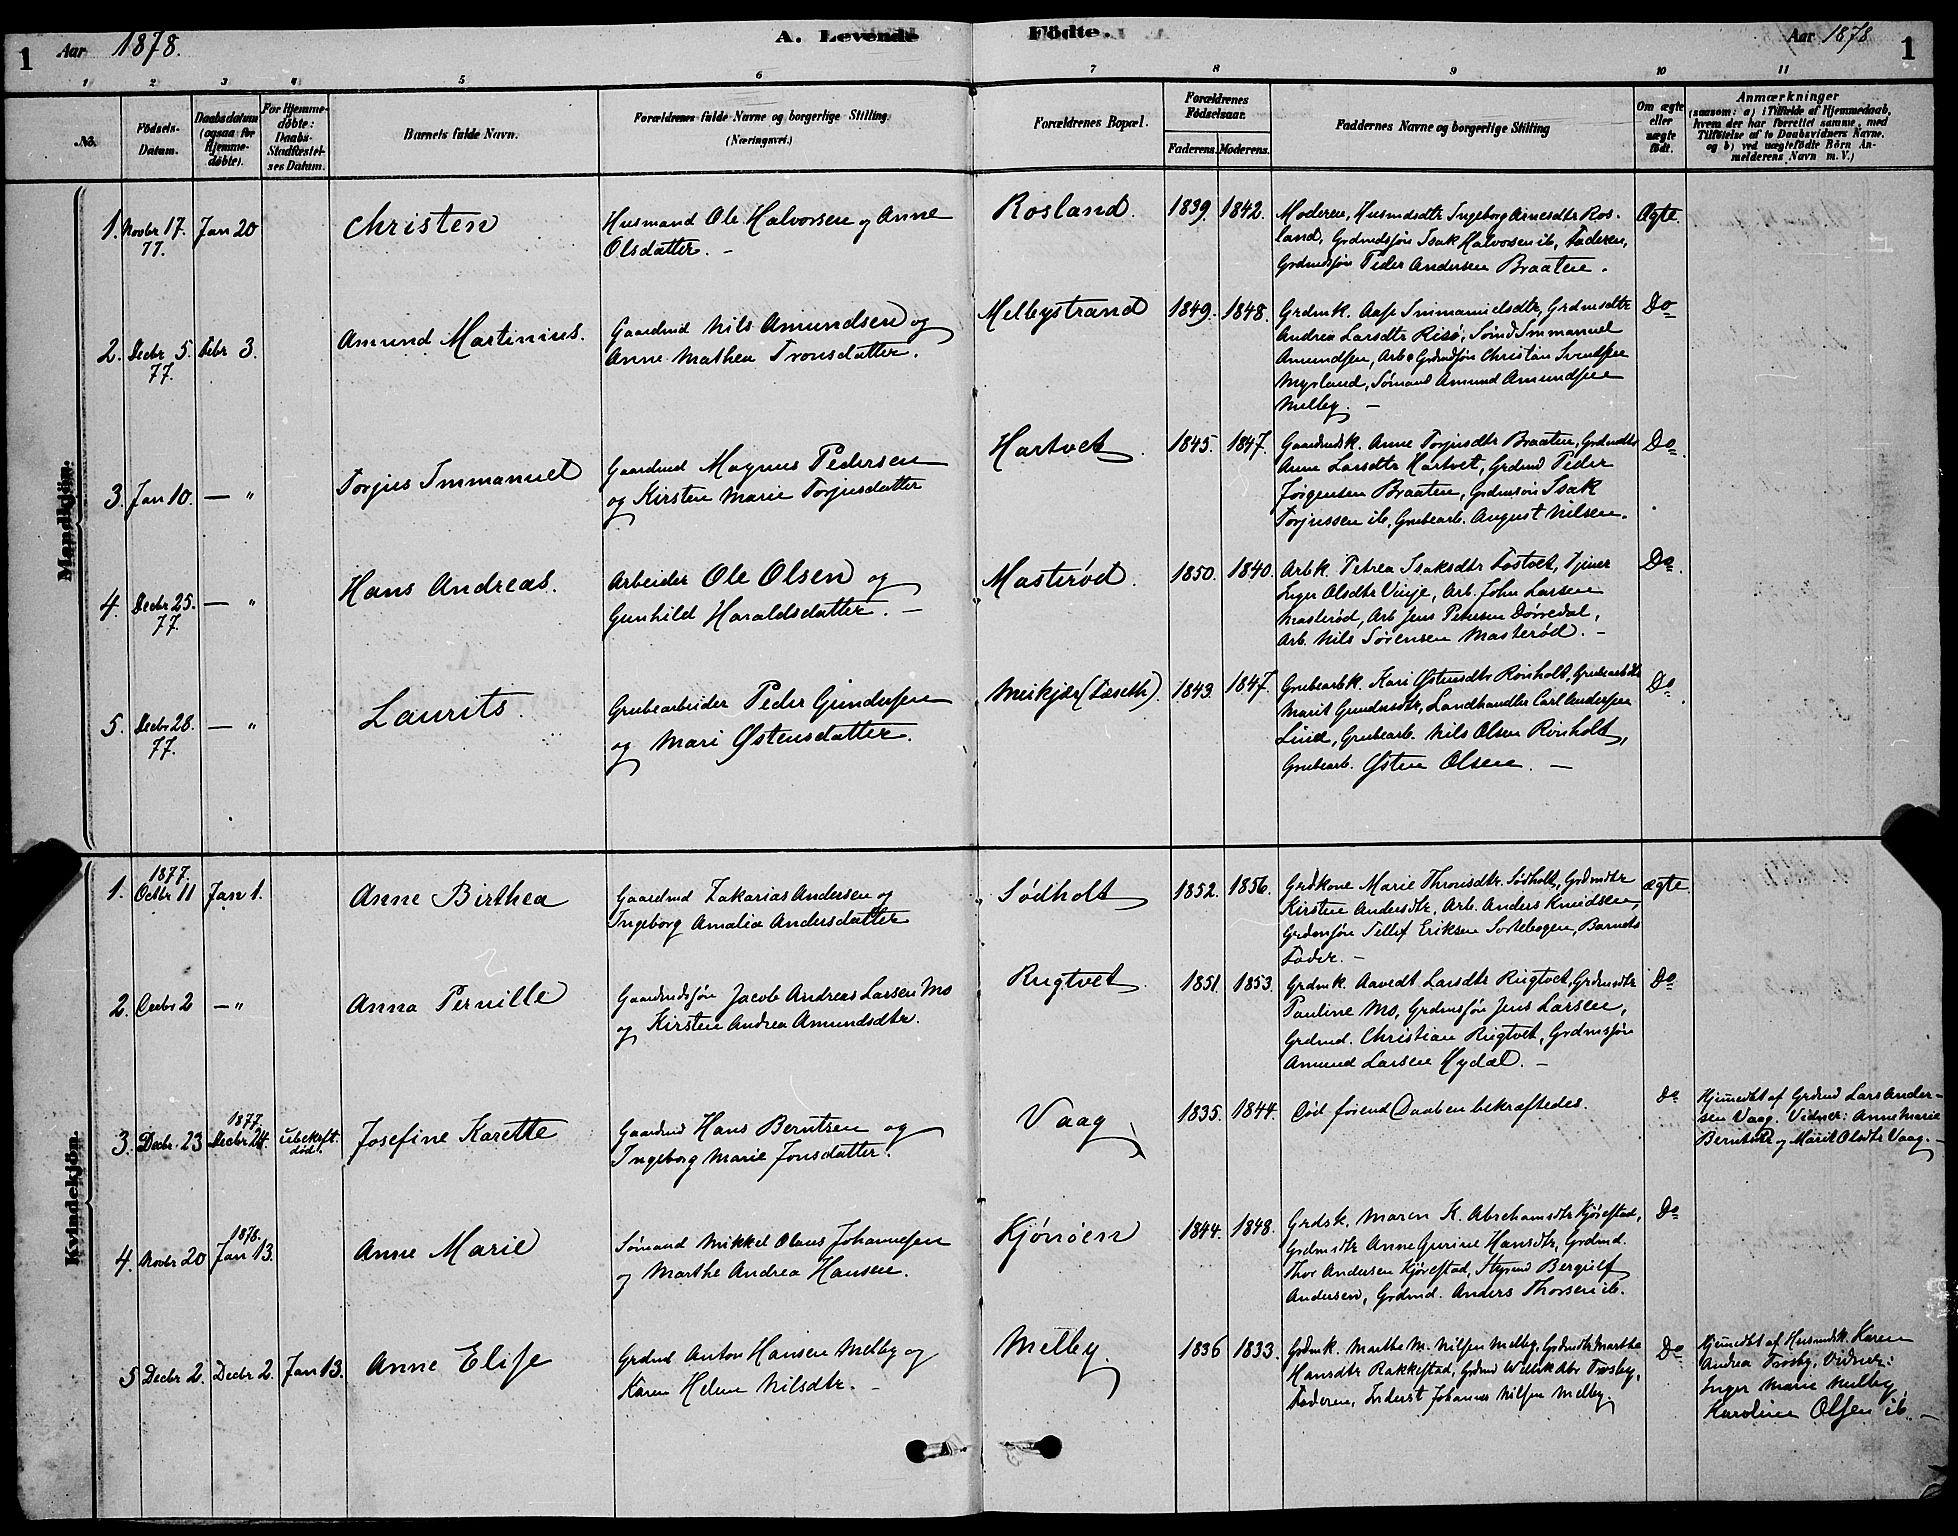 SAKO, Bamble kirkebøker, G/Ga/L0008: Klokkerbok nr. I 8, 1878-1888, s. 1